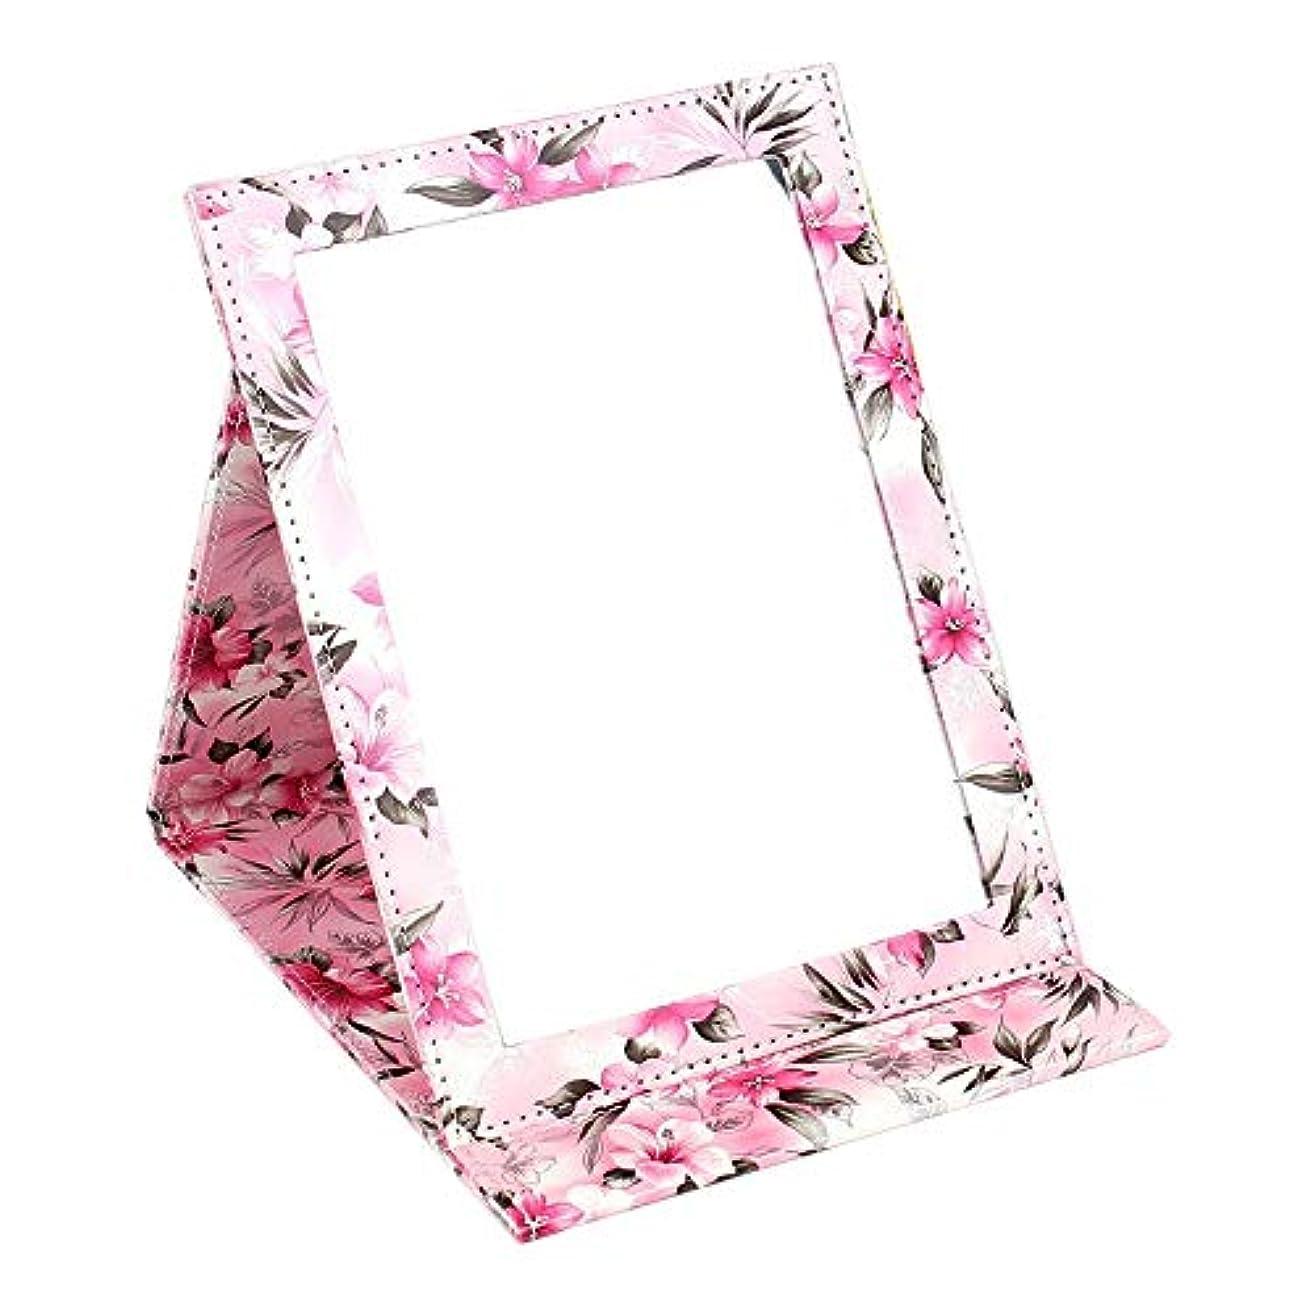 羊医師なにYummyBuy 化粧ミラー 折りたたみ ミラー 鏡 卓上 化粧 化粧鏡 角度調整自由自在 上質PUレザー使用(クロコダイル?パターン、2サイズ) (大きなサイズ, ハッピーカラー)